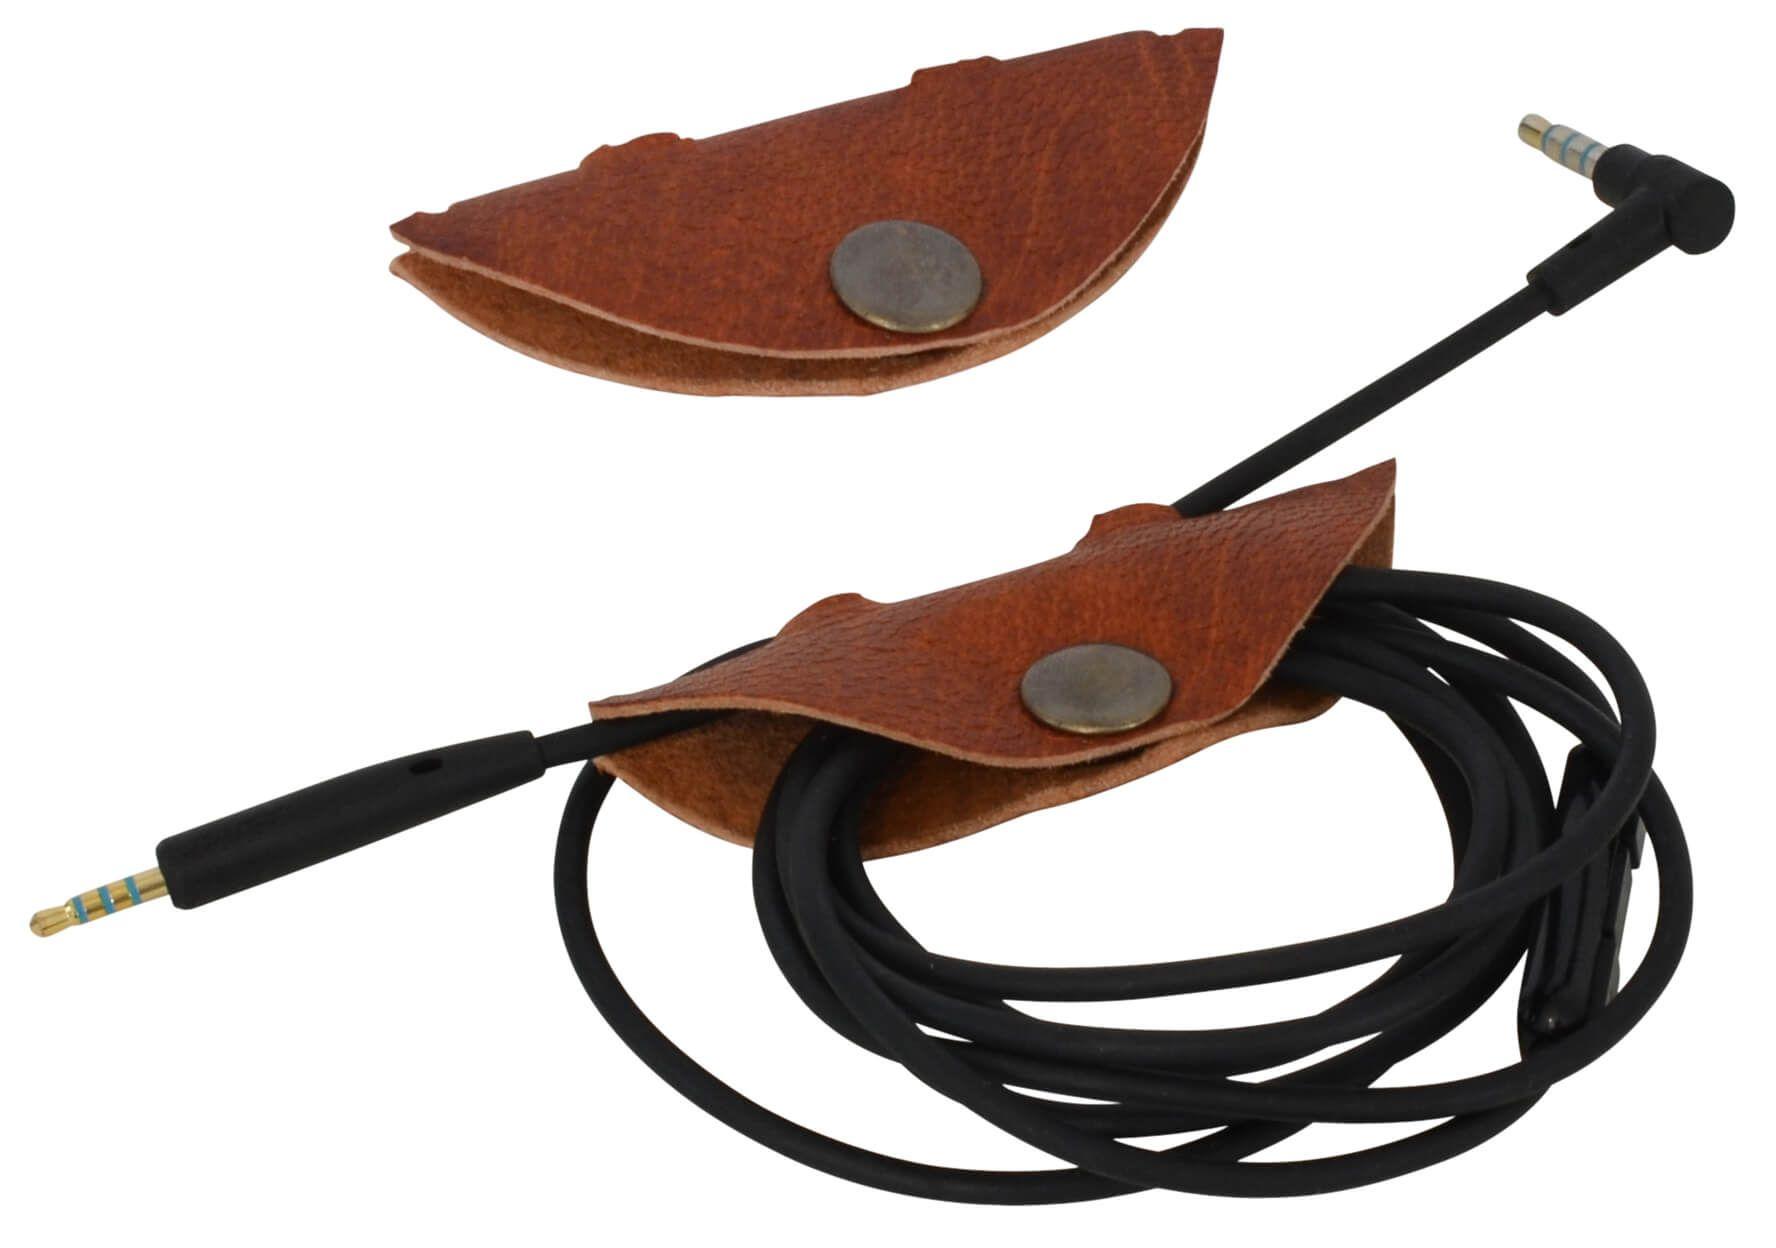 Modisch und funktional sind die Accessoires von Gusti Leder. Perfektioniere Deinen persönlichen Stil durch dieses hochwertig verarbeitete Leder-Accessoire wie 'Jarl' und genieße das wunderbar weiche Leder - Lederaccessoire - Echtleder - Gusti Leder - A139b